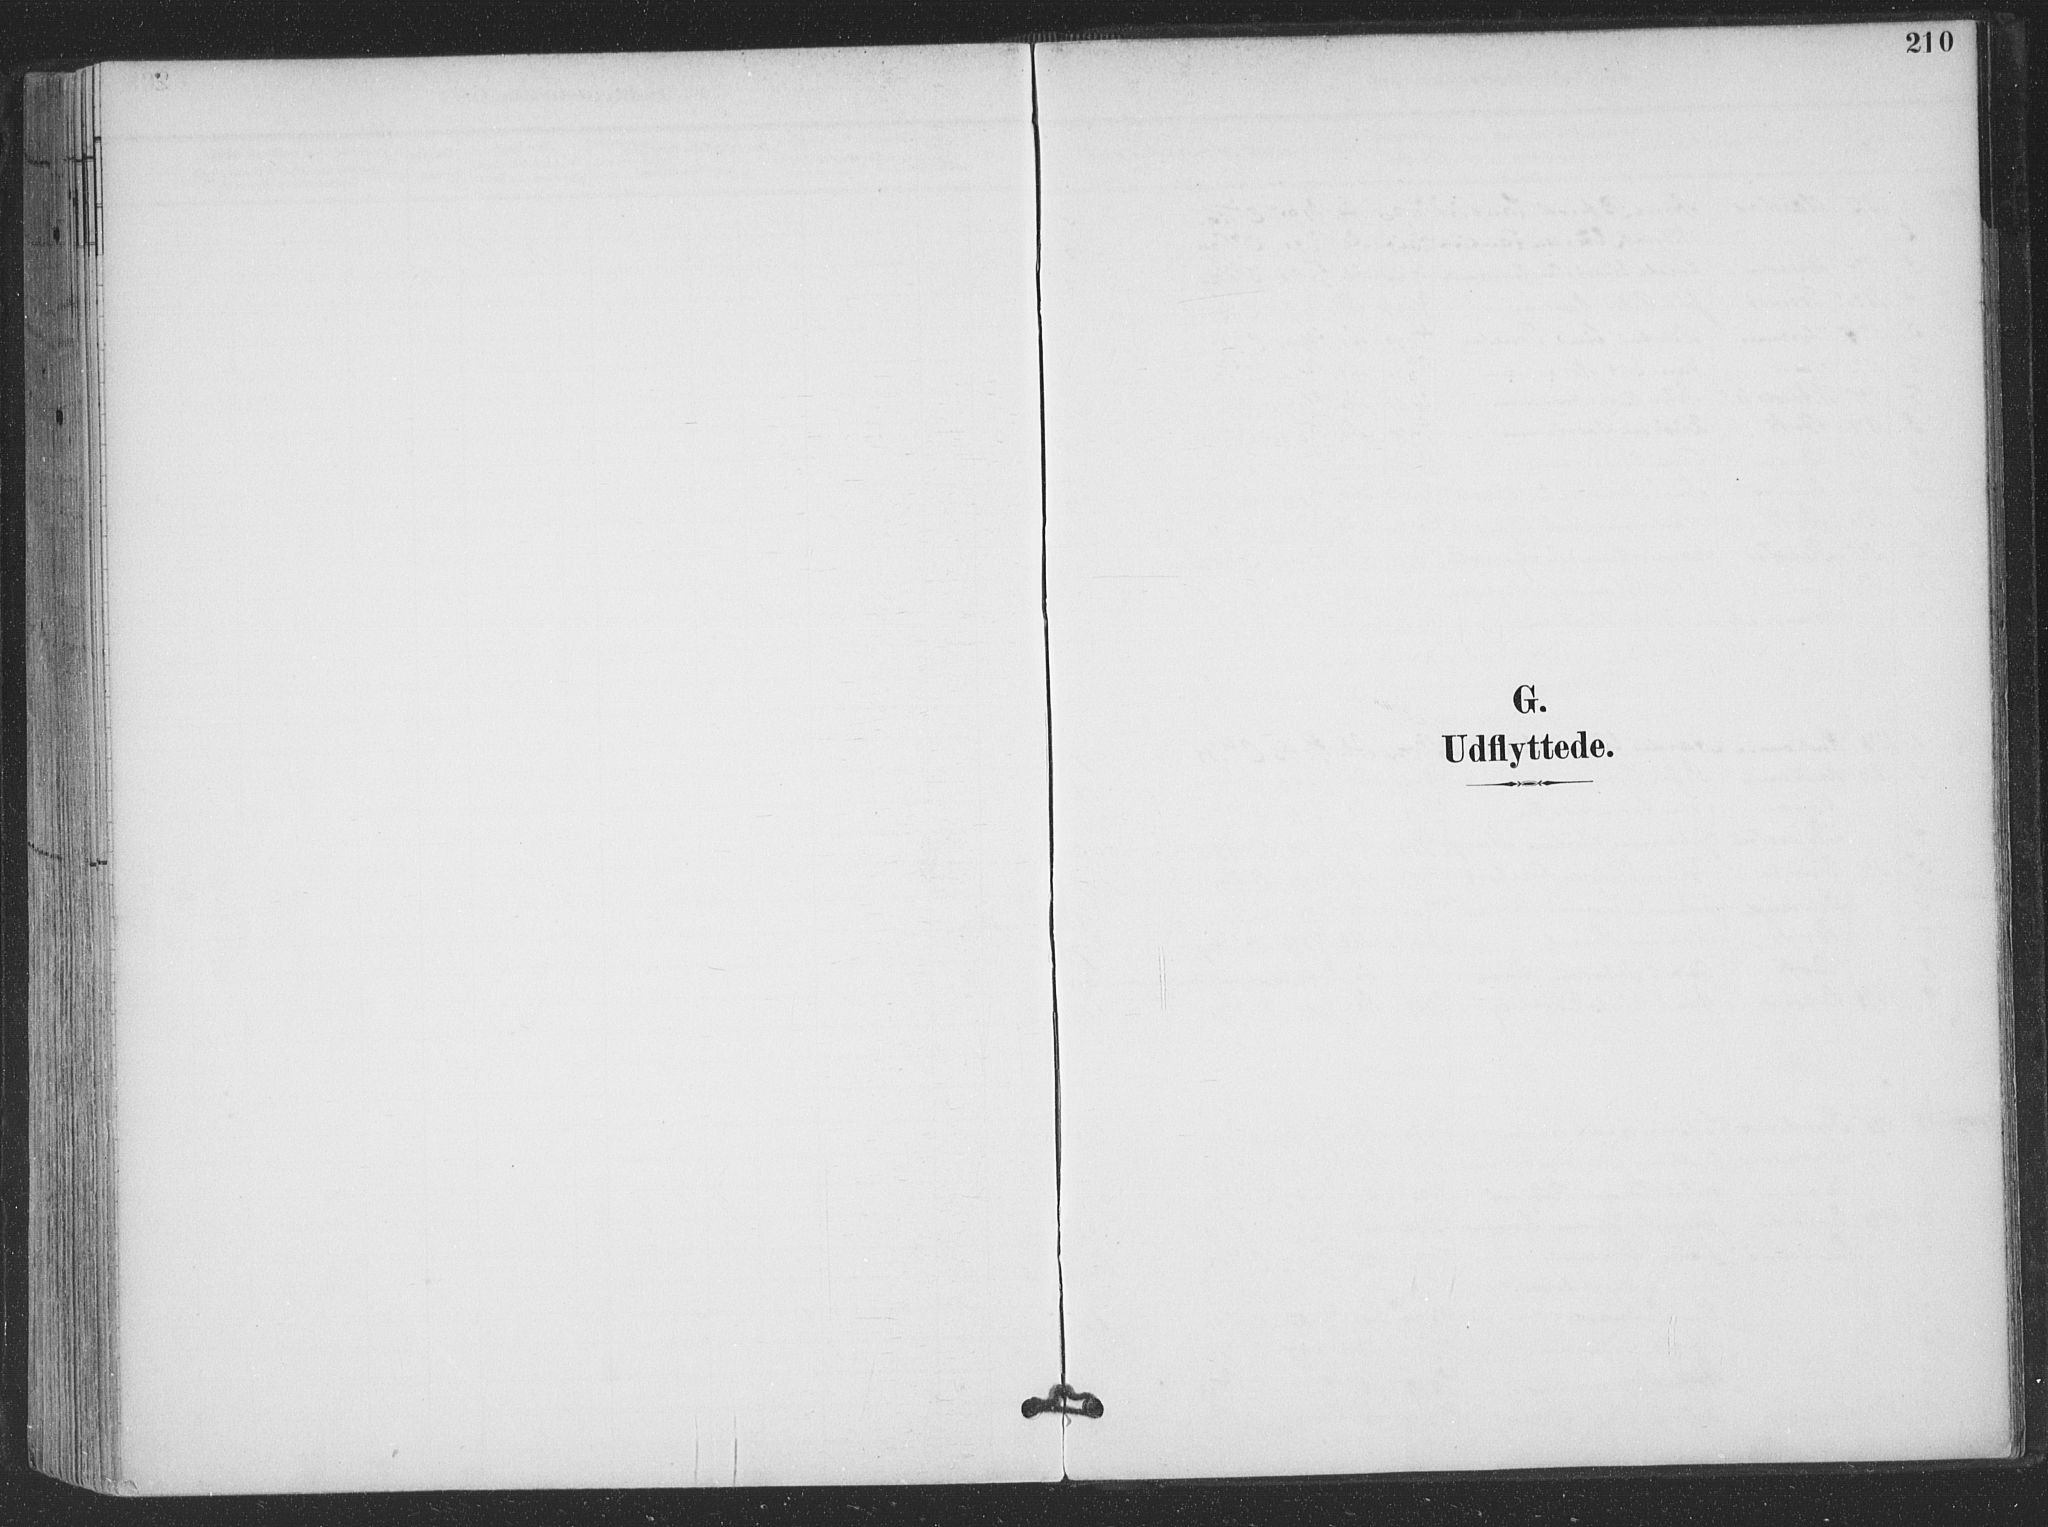 SAT, Ministerialprotokoller, klokkerbøker og fødselsregistre - Nordland, 866/L0939: Parish register (official) no. 866A02, 1894-1906, p. 210